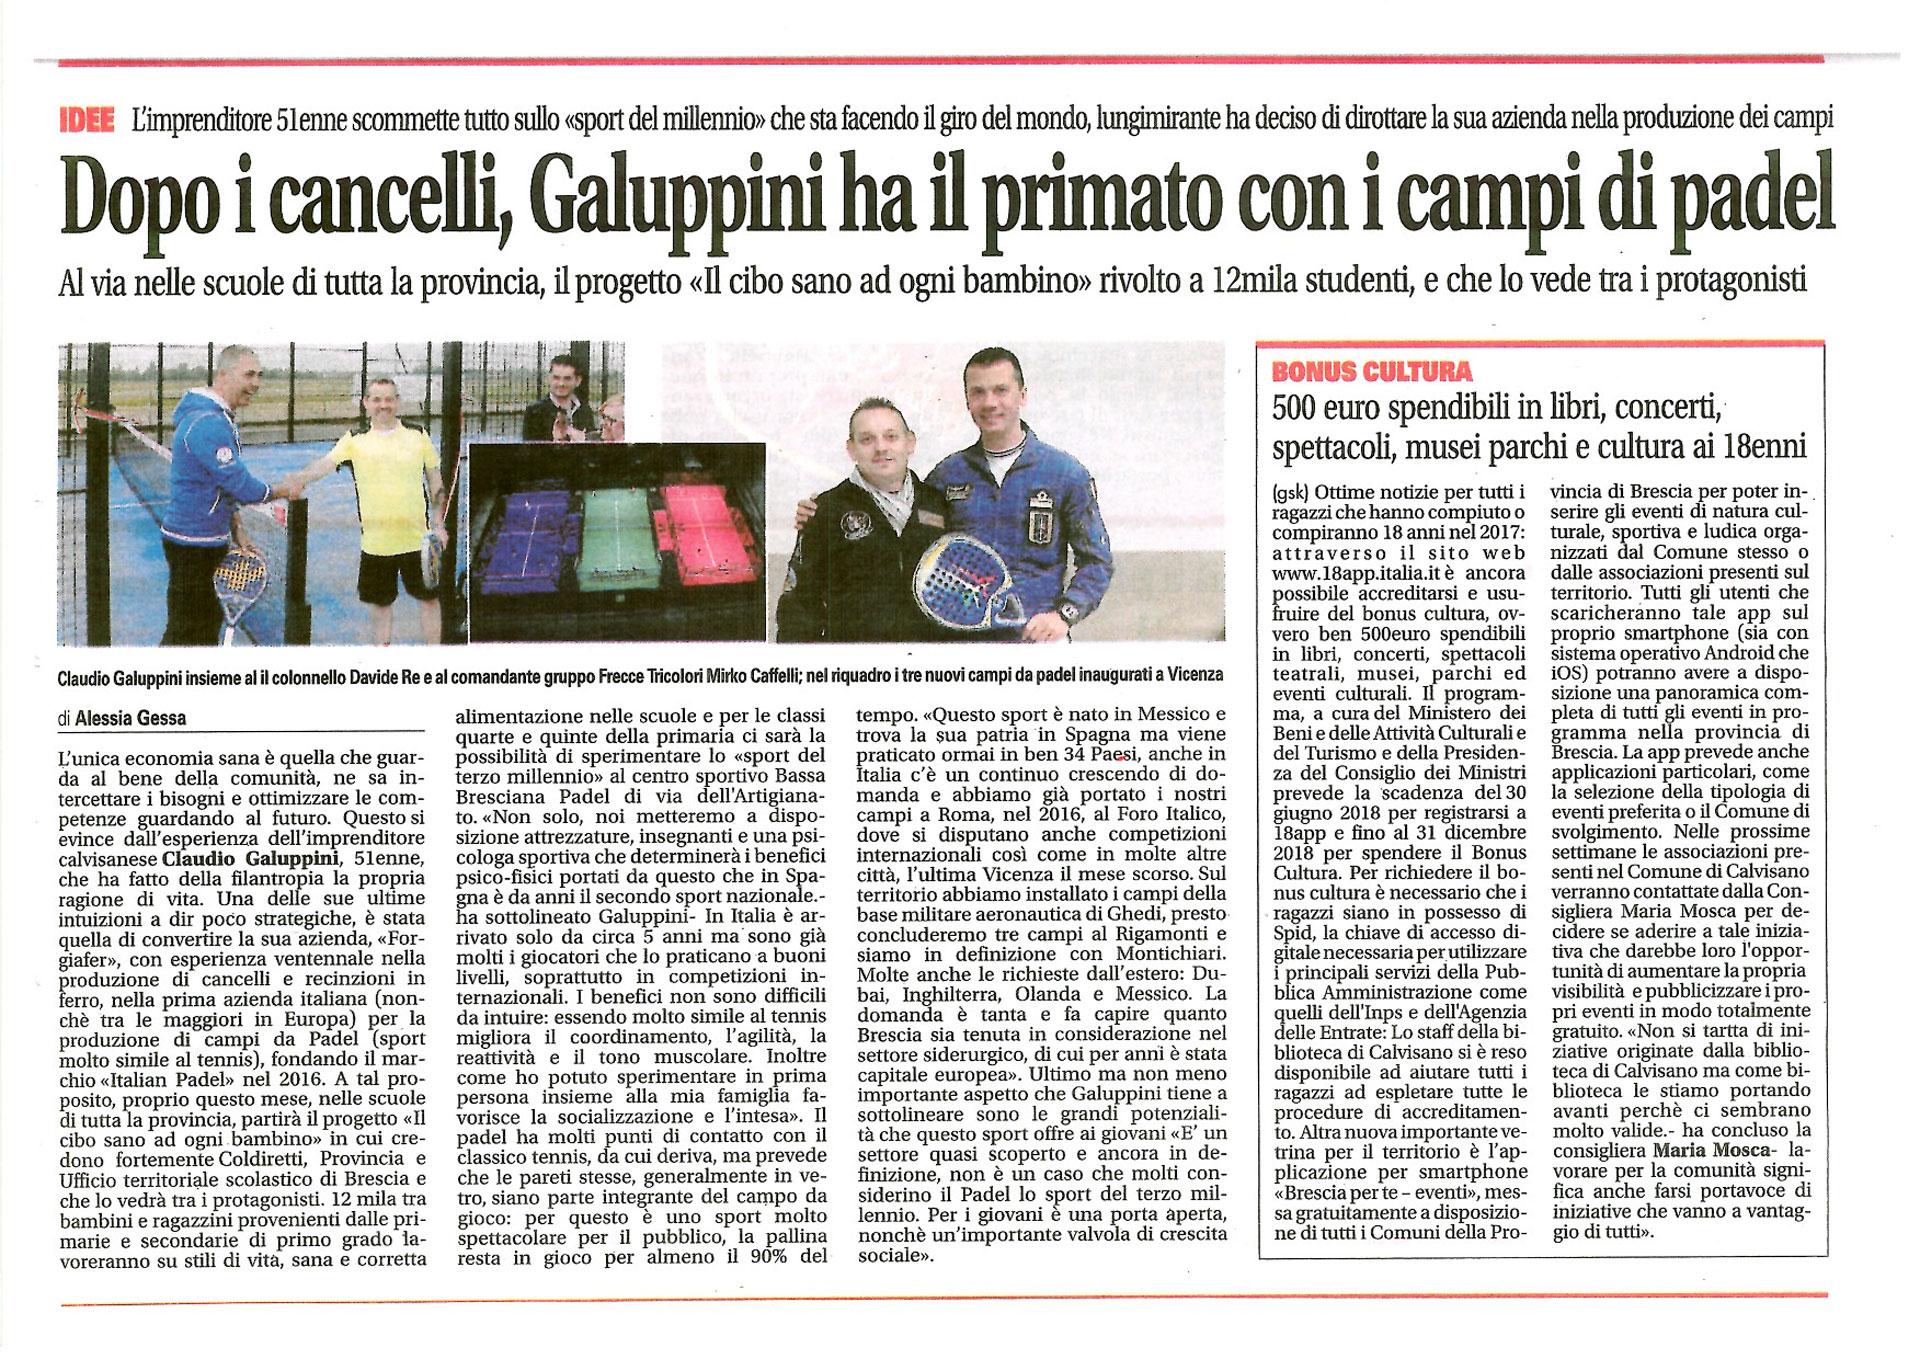 Dopo i cancelli, Galuppini ha il primato con i campi di padel (Montichiari Week, 13 Ottobre 2017)